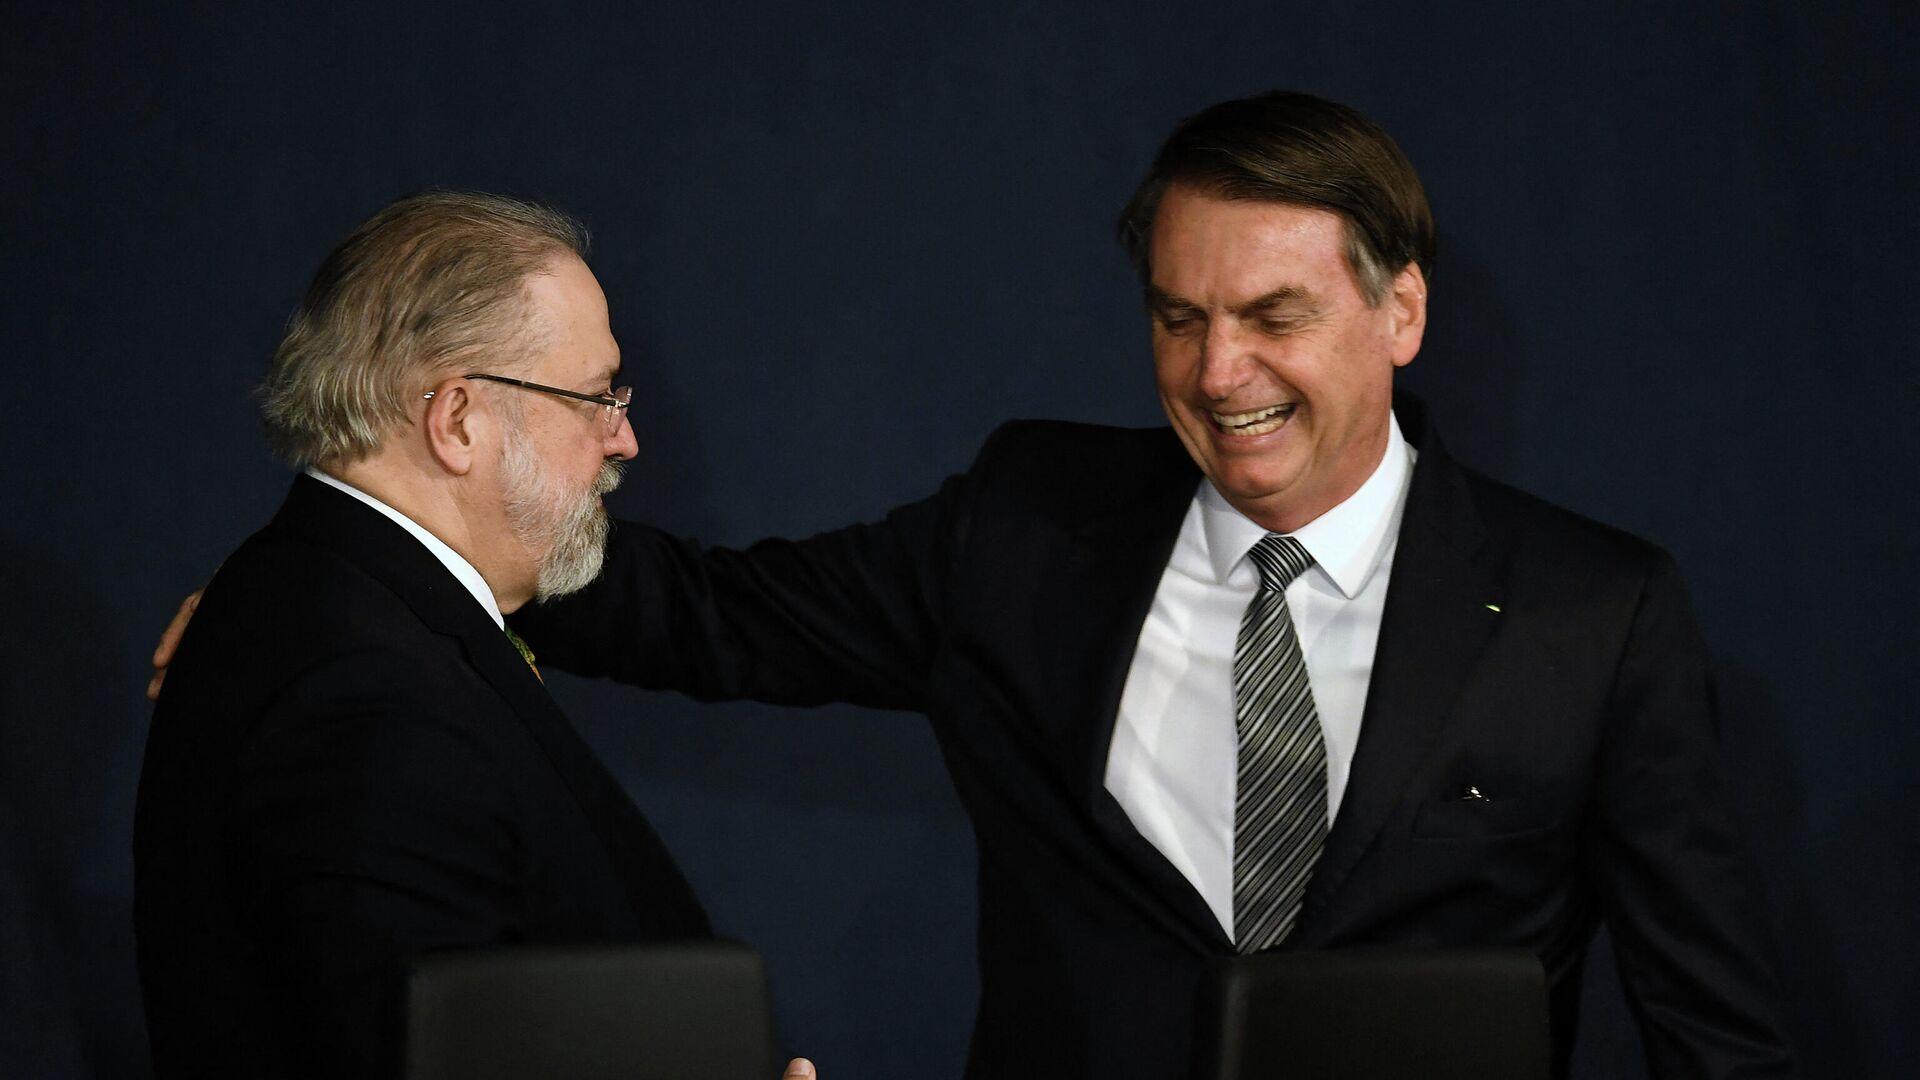 El procurador general de Brasil, Augusto Aras, junto al presidente brasileño Jair Bolsonaro - Sputnik Mundo, 1920, 20.07.2021